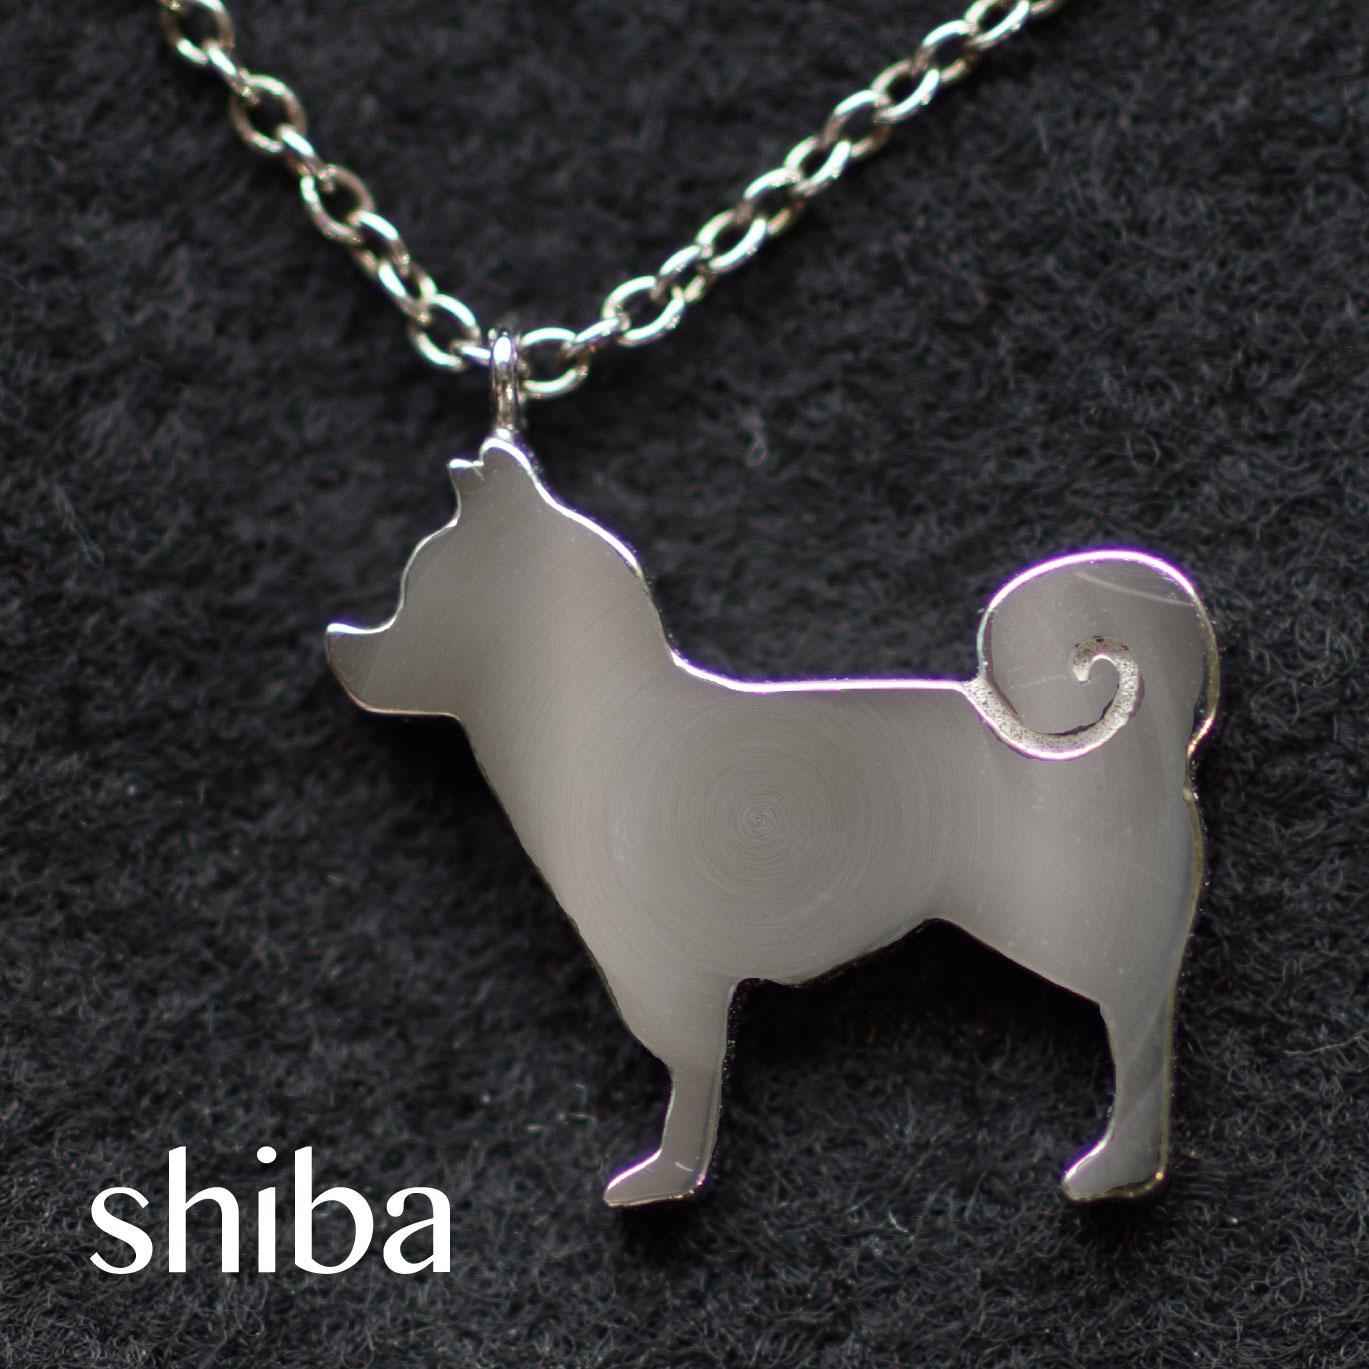 イヌ派の貴方へ!ワンちゃんのシルエットネックレス*jiro collection*